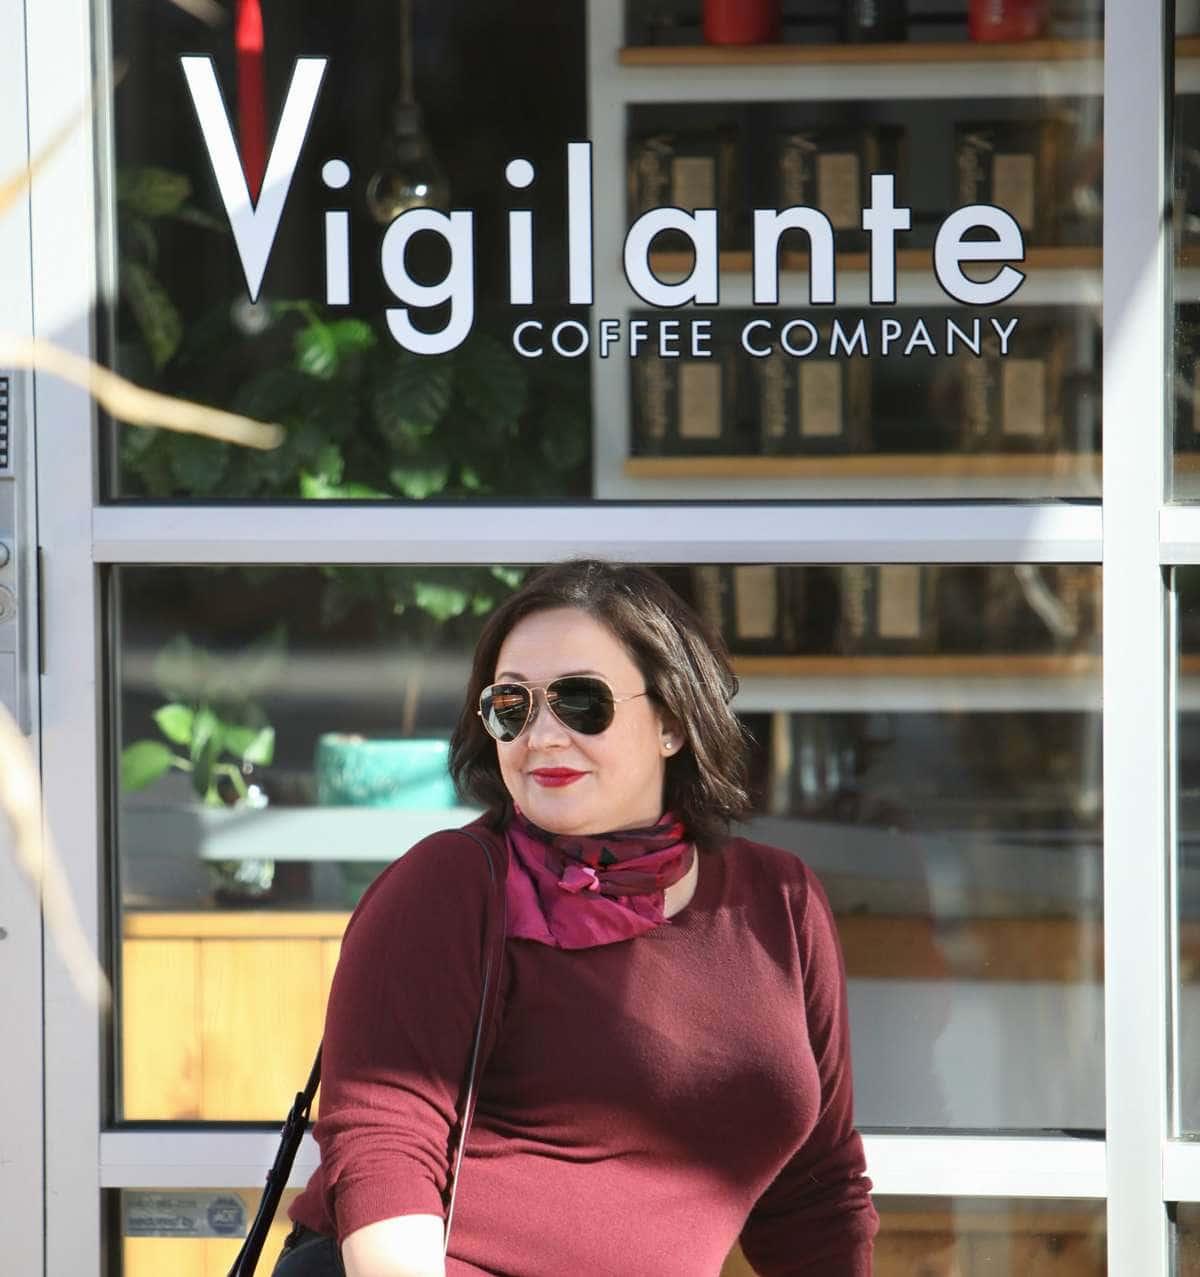 wardrobe-oxygen-at-vigilante-coffee-hyattsville